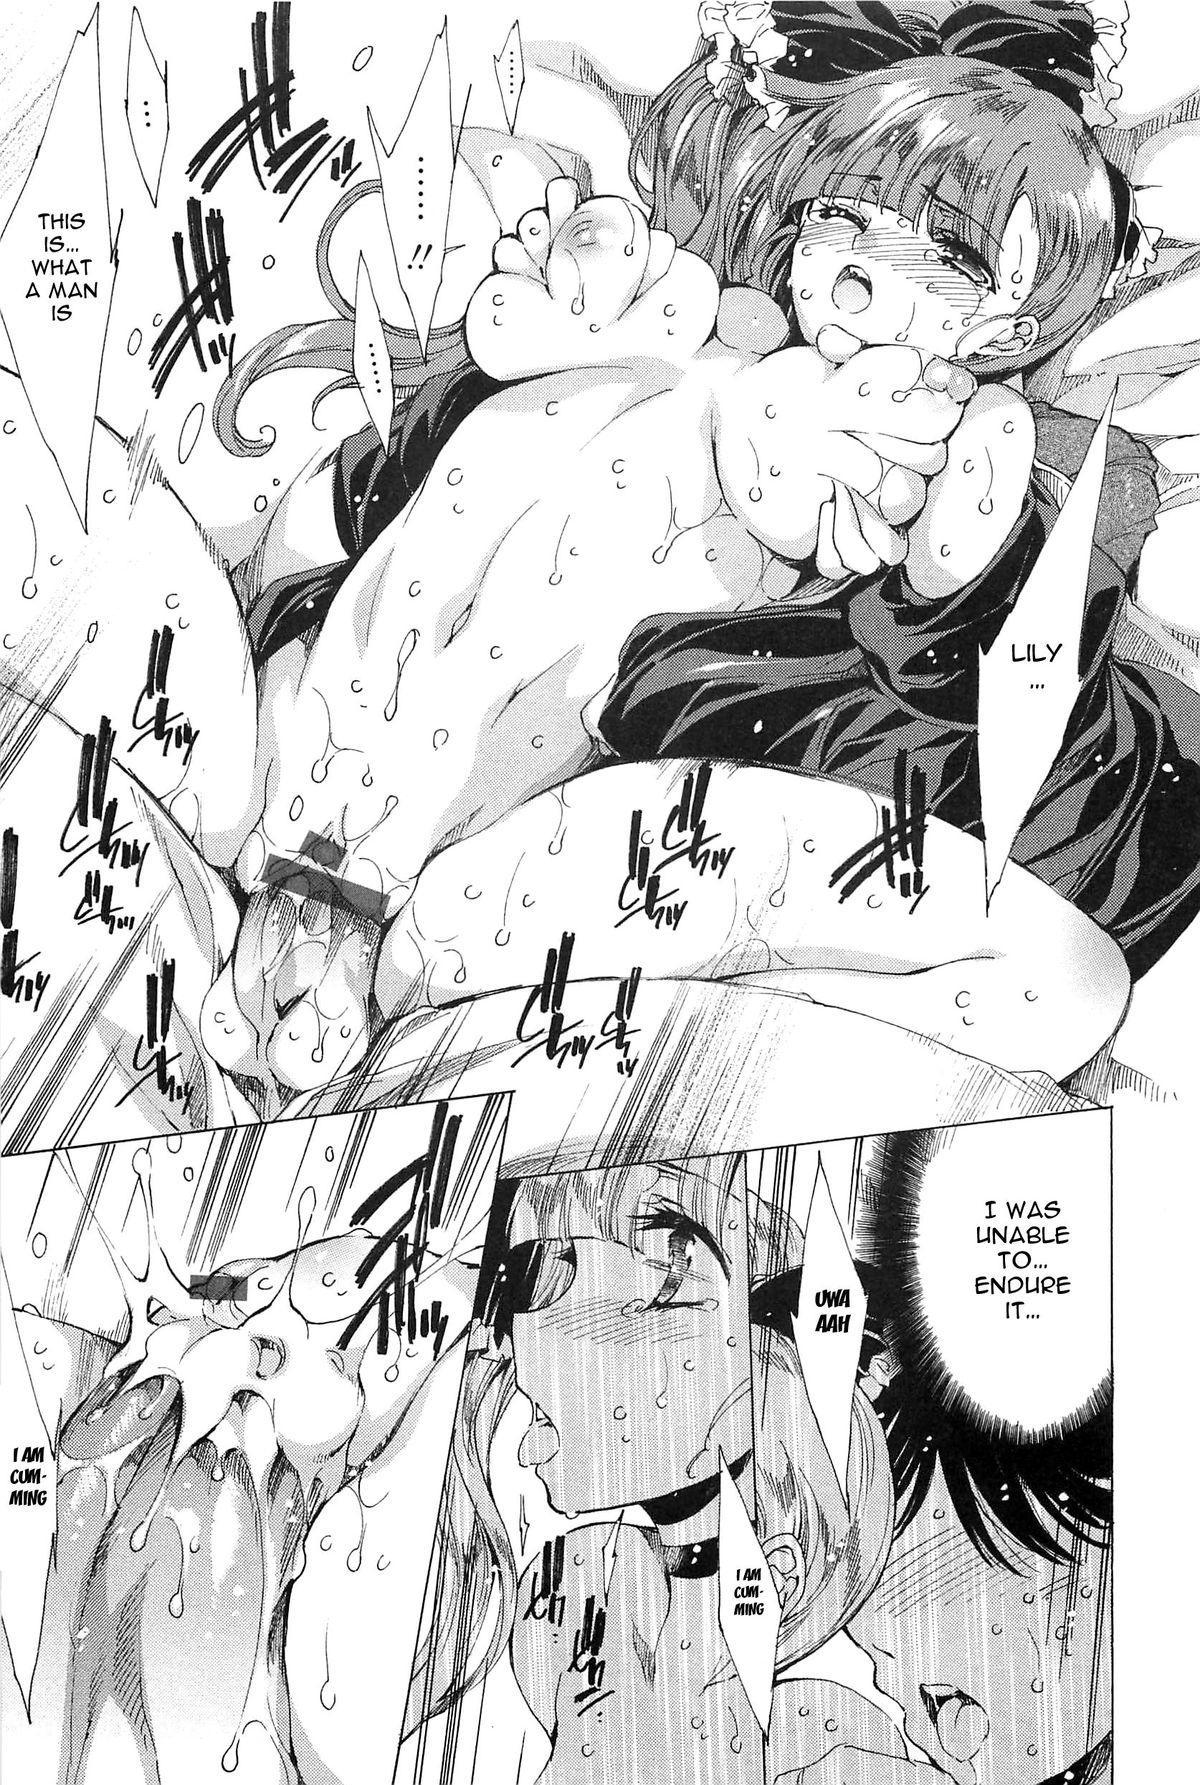 [Yuiga Naoha] Nikuyoku Rensa - NTR Kanojo   Chains of Lust - NTR Girlfriend [English] {doujin-moe.us} 216